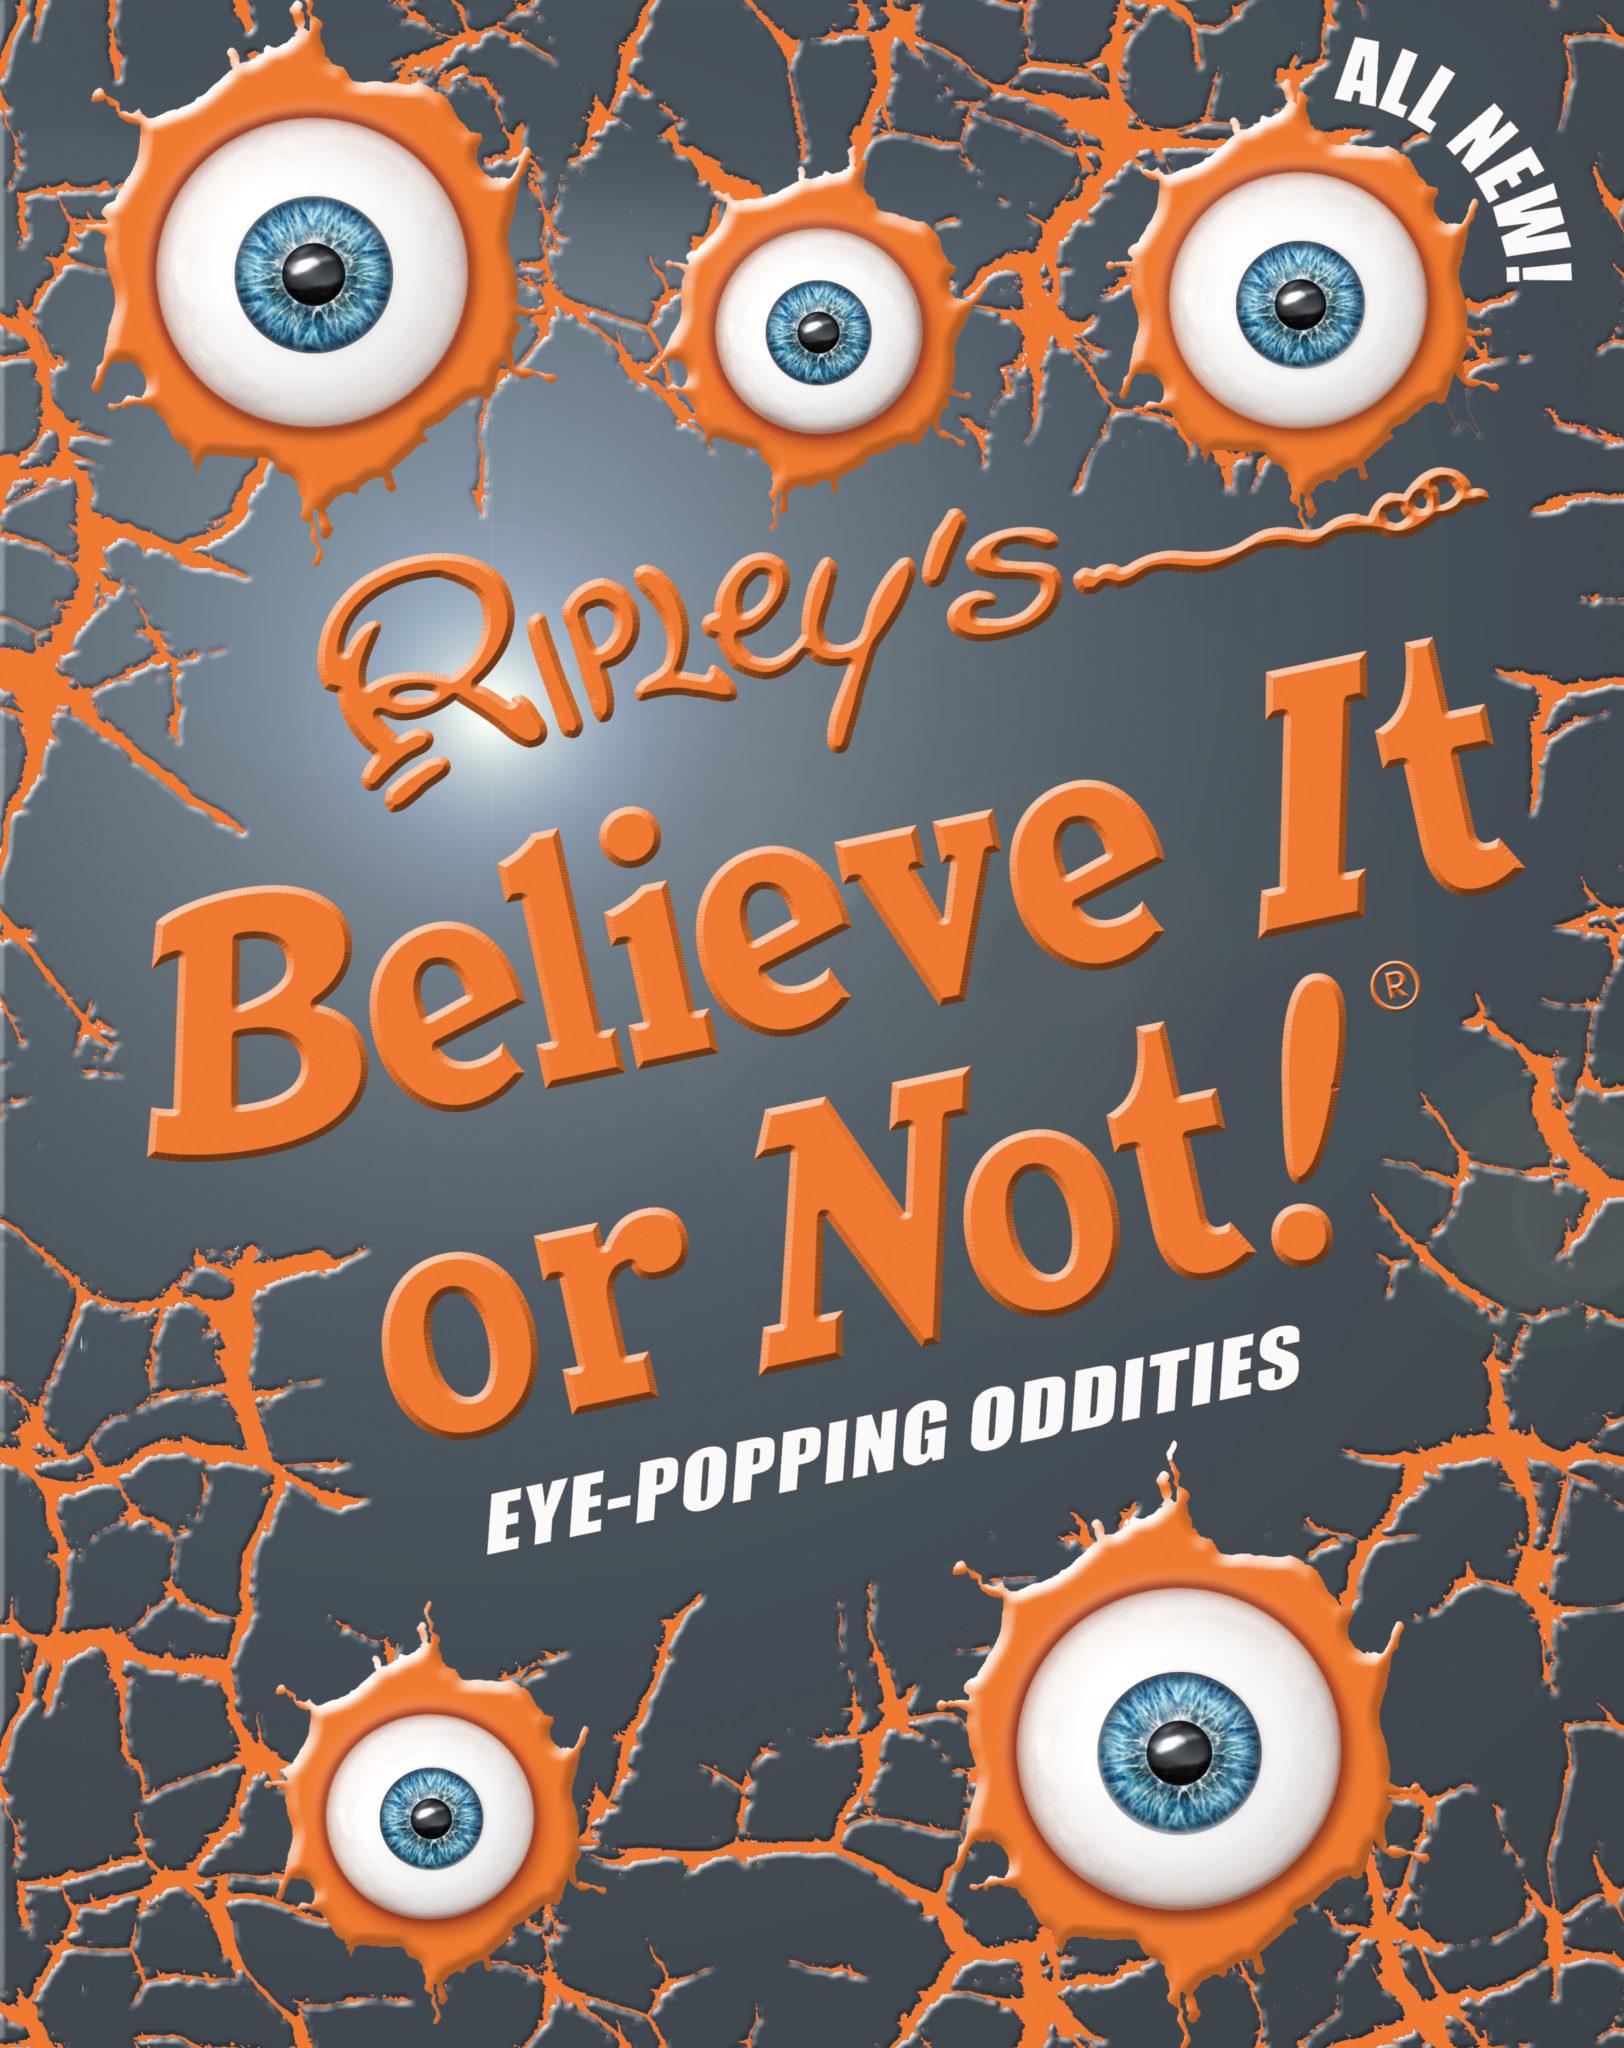 Ripley's Believe it or Not, Eye-popping Oddities